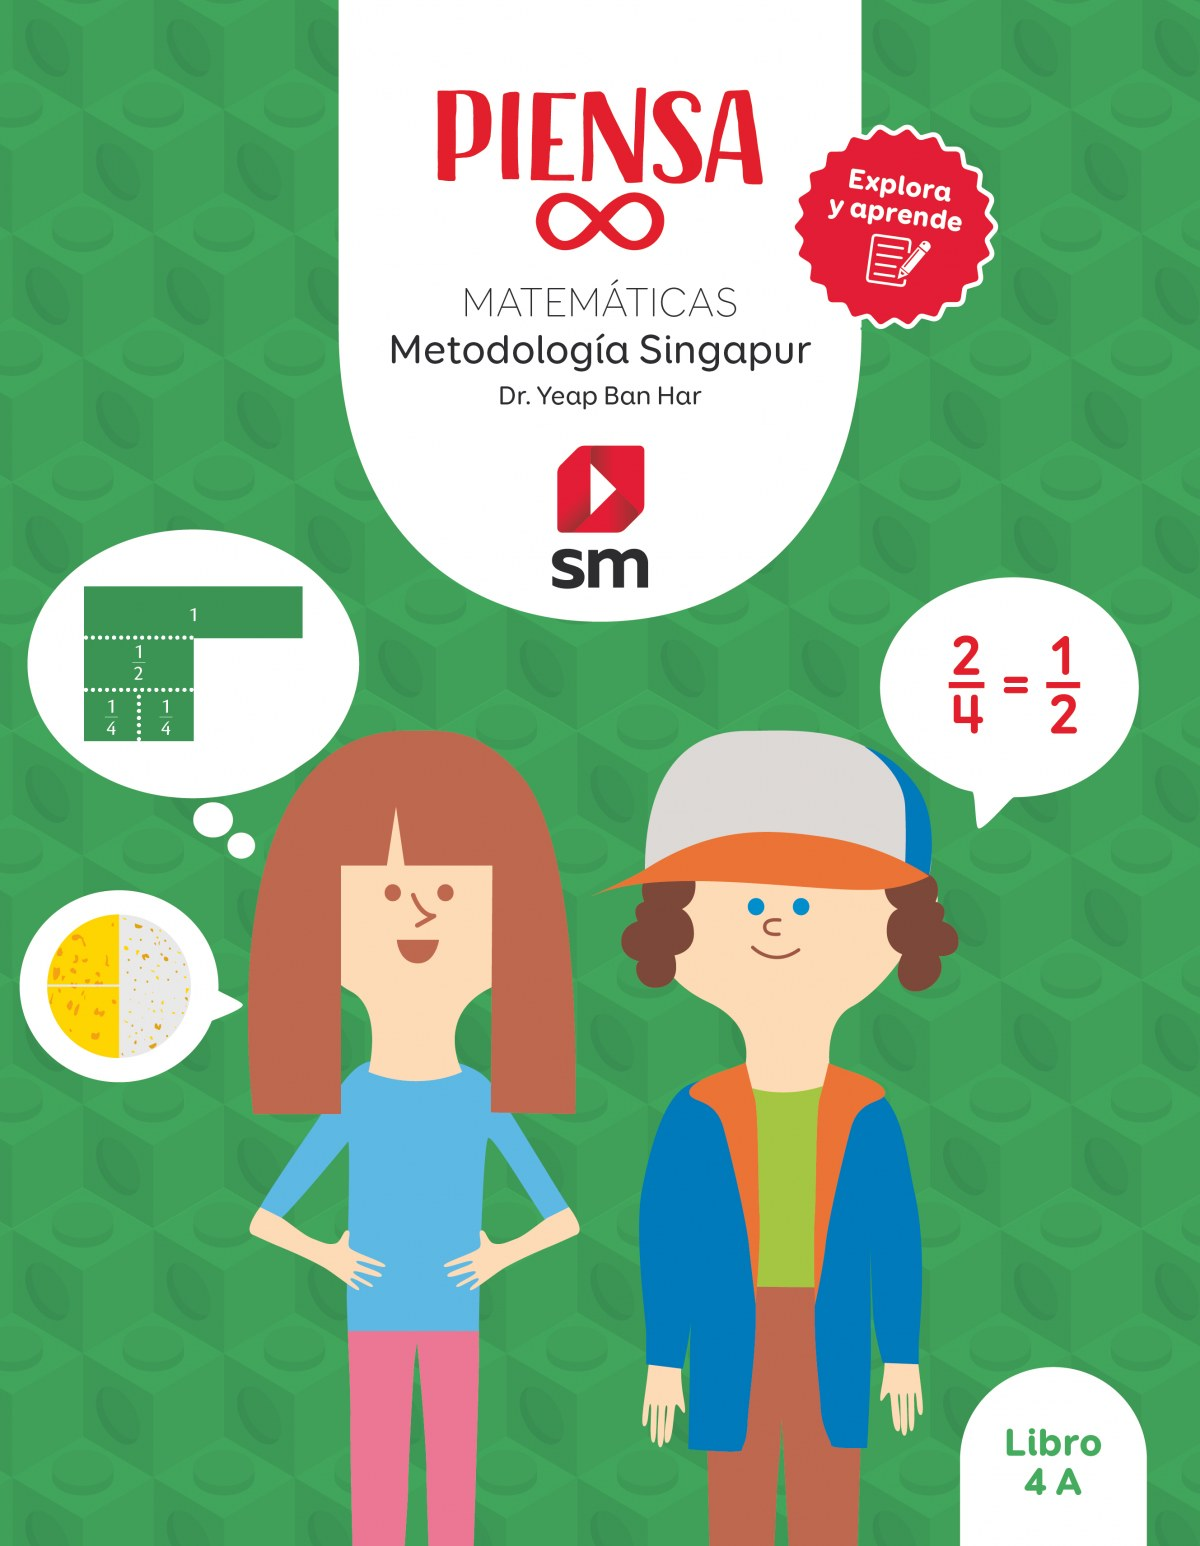 Piensa [infinito]. Explora y aprende. Metodología Singapur. 4 Primaria. Libro